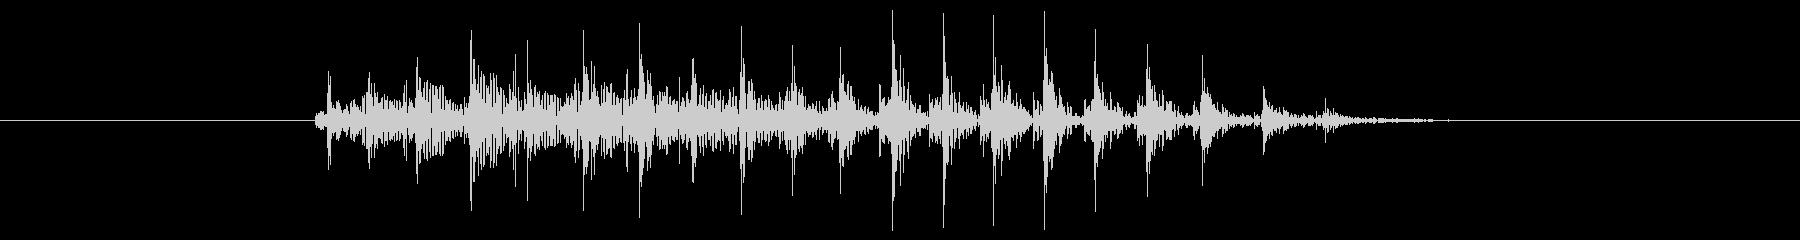 鳴き声 げっぷショート01の未再生の波形